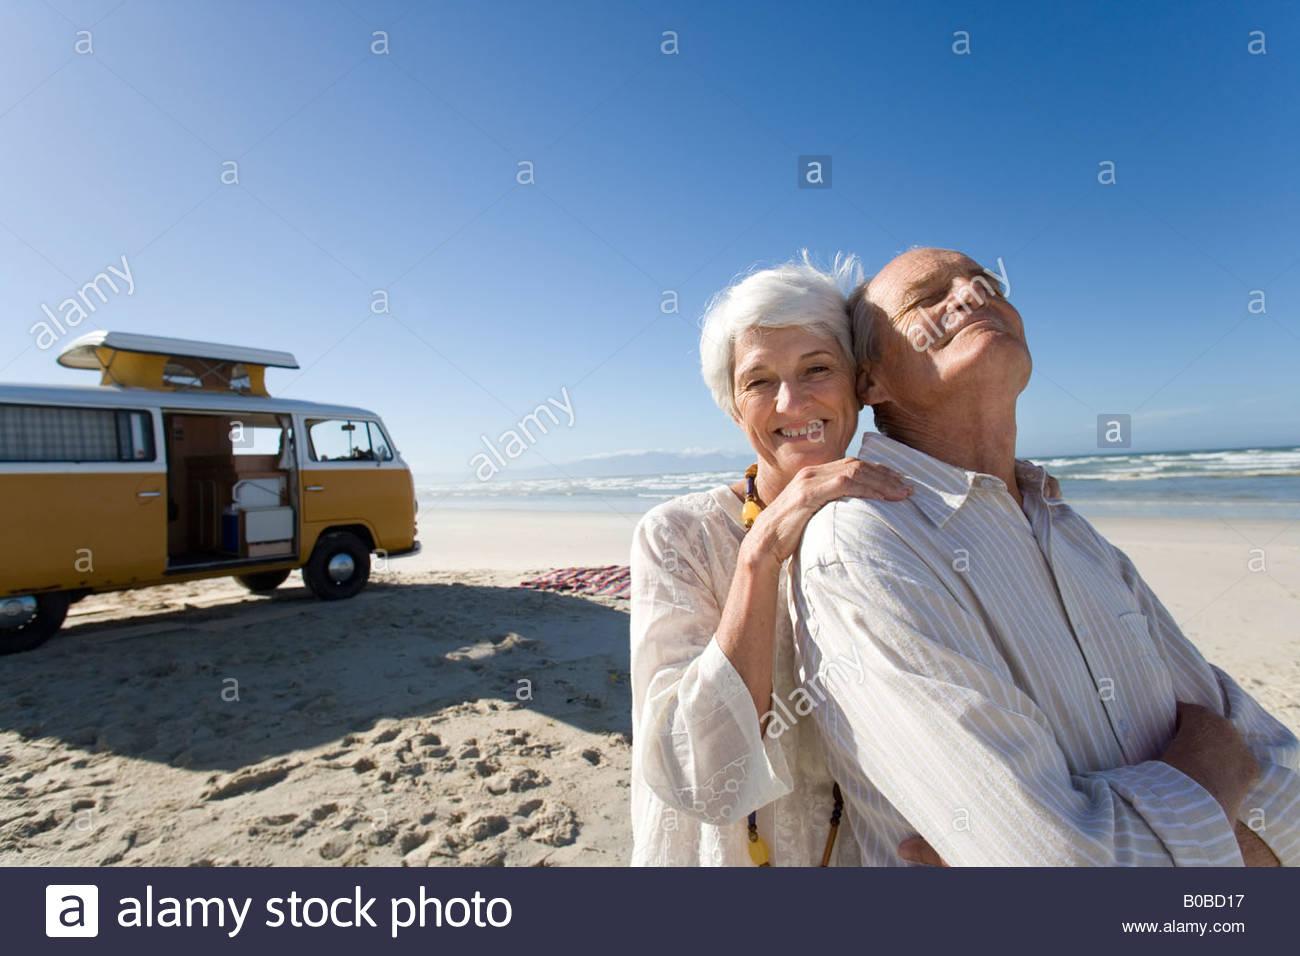 Senior woman embracing man par derrière sur la plage par le camping-car, smiling, portrait Photo Stock